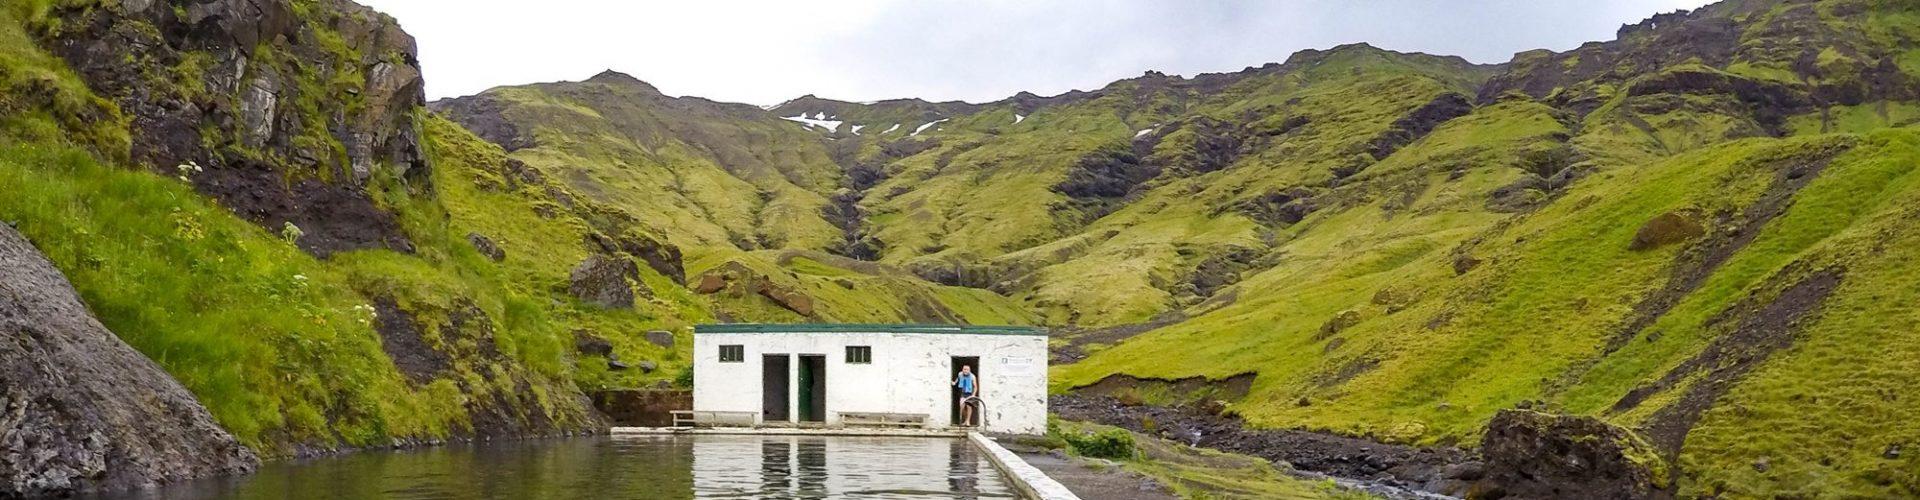 Islandia opuszczony basen